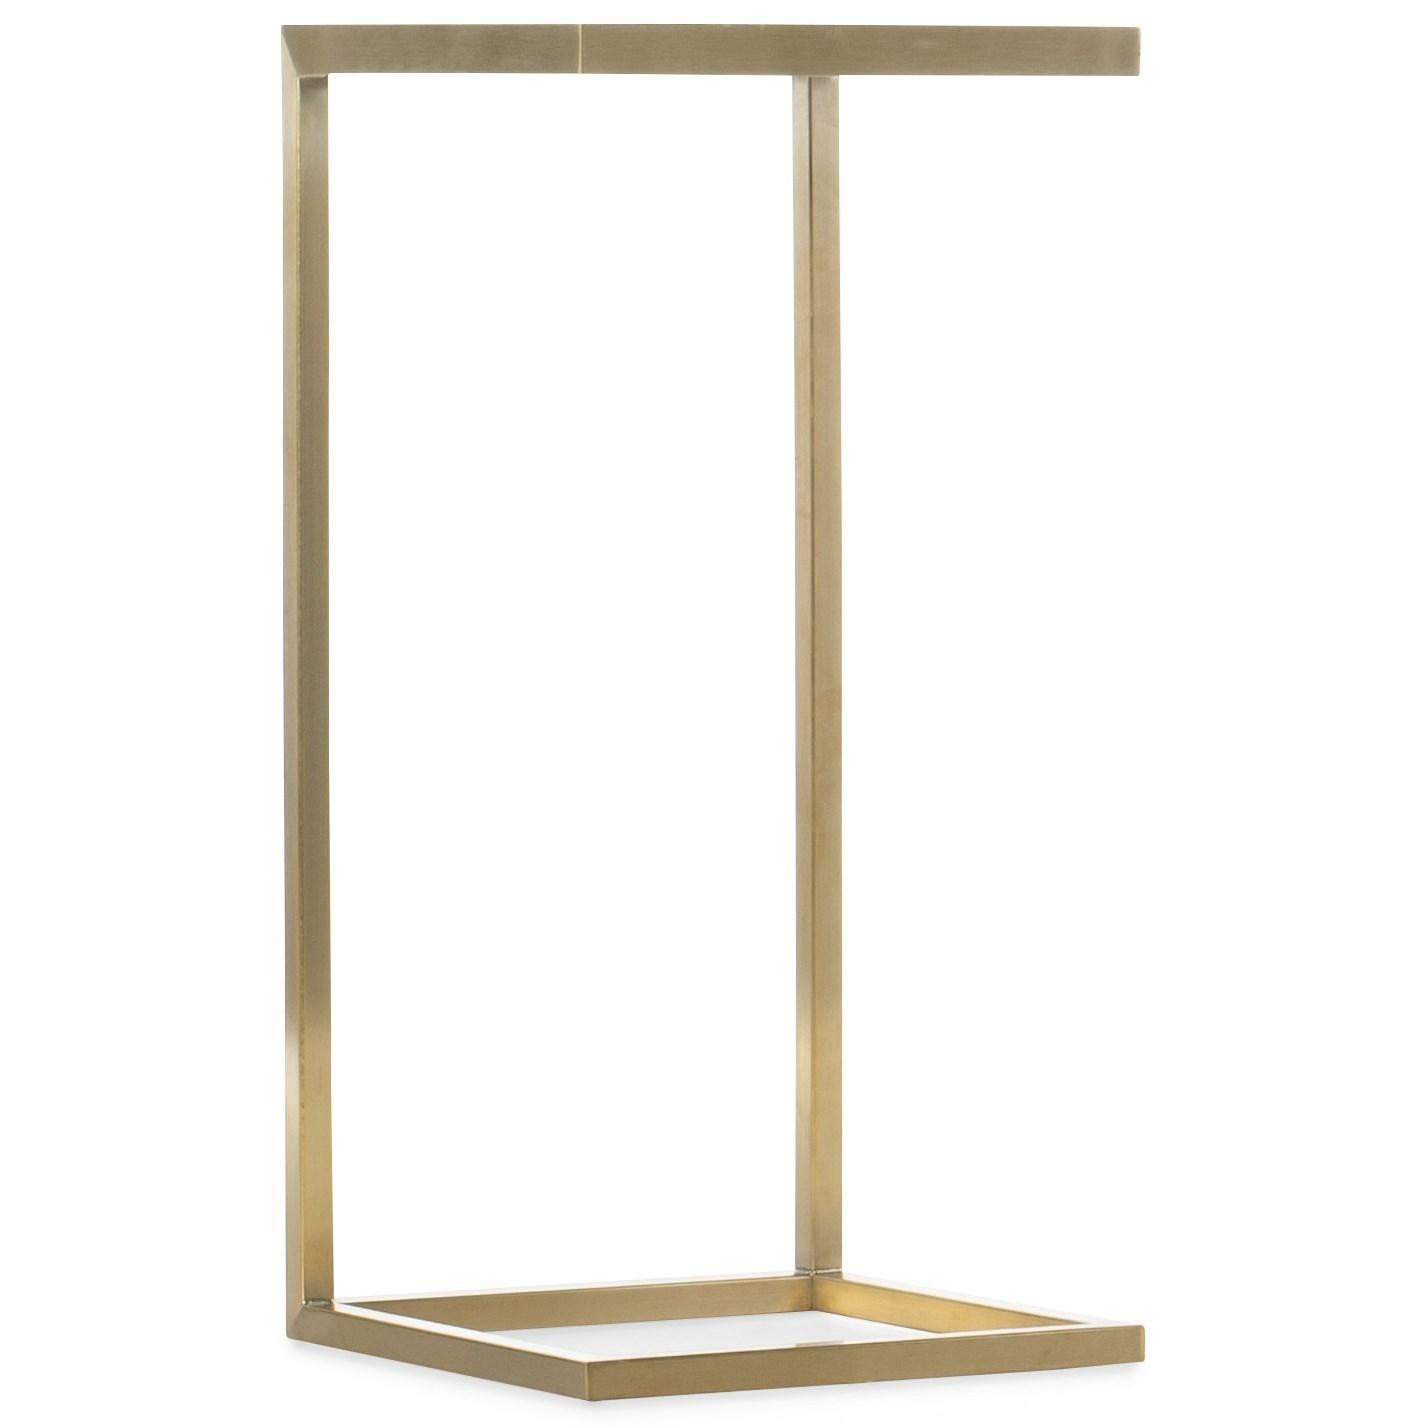 Melange Holmes C-Shaped Accent Table by Hooker Furniture at Baer's Furniture